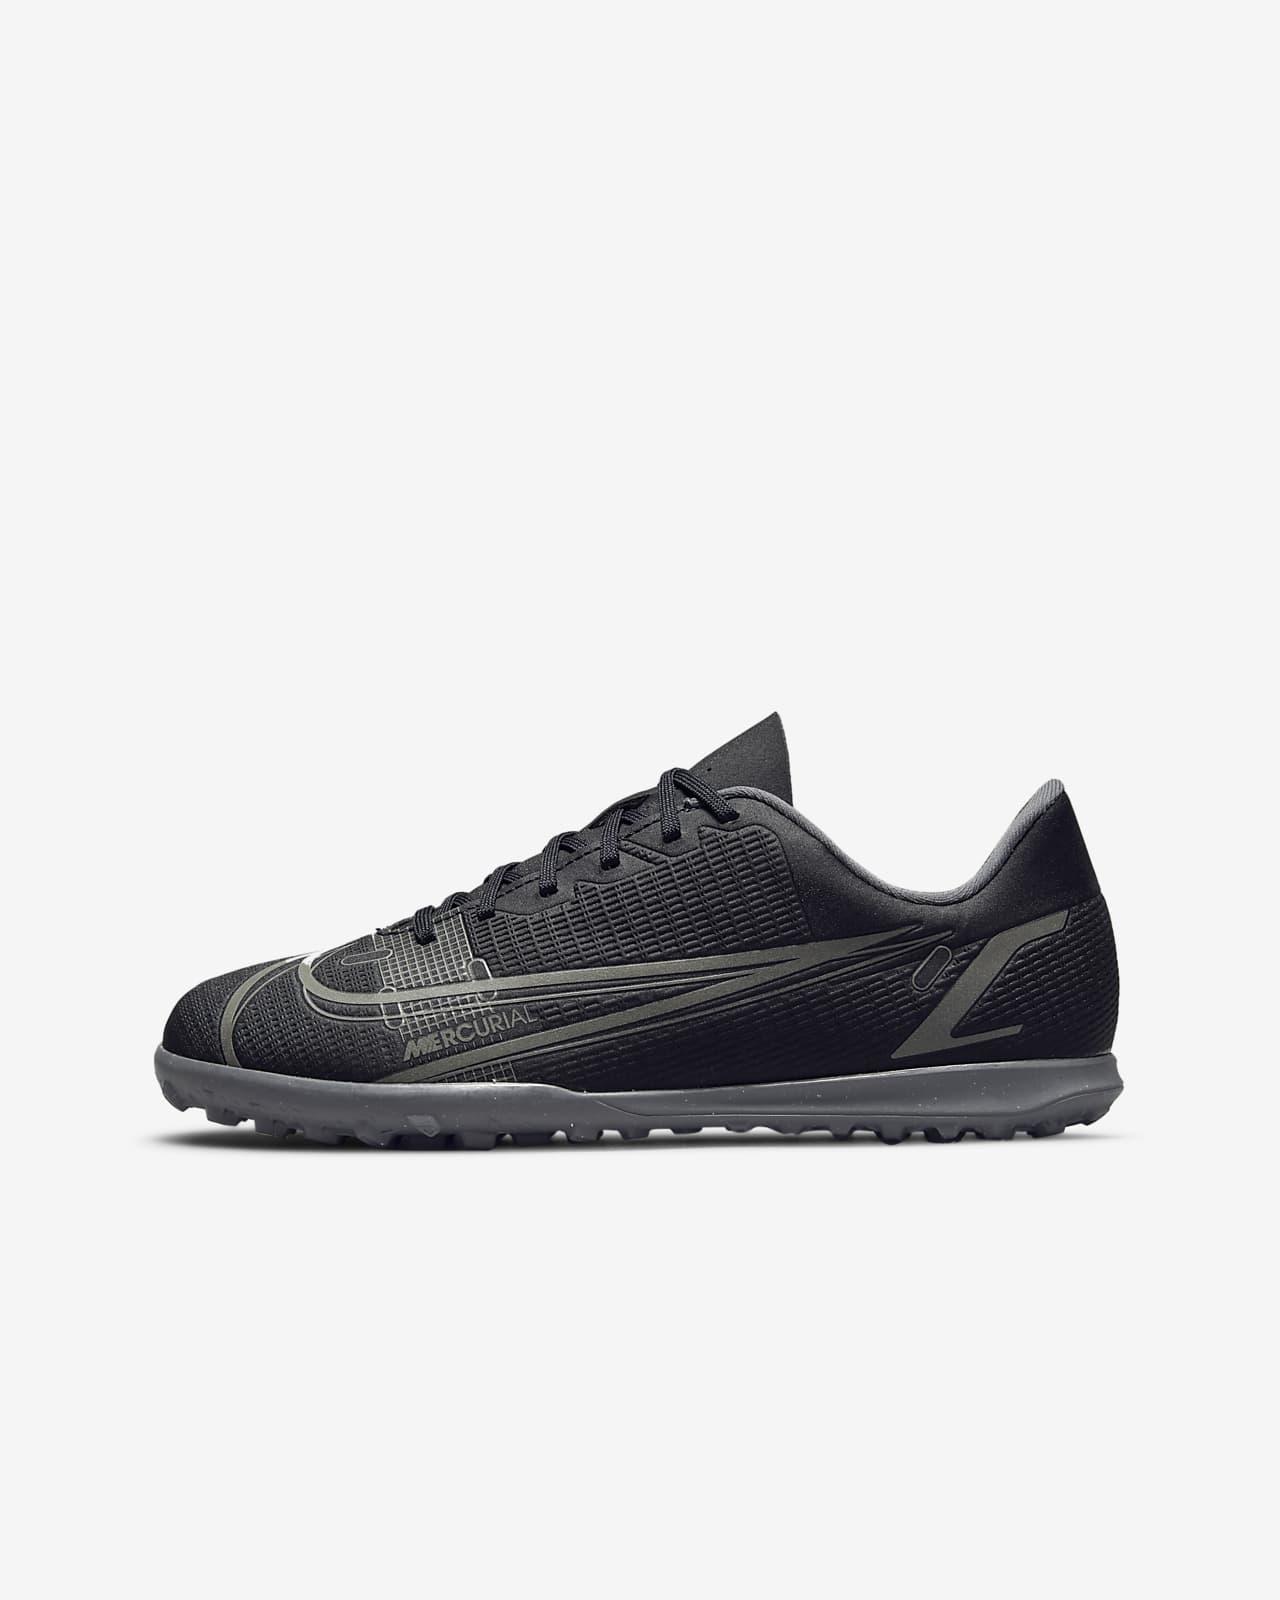 Chaussure de football pour surface synthétique Nike Jr. Mercurial Vapor 14 Club TF pour Jeune enfant/Enfant plus âgé